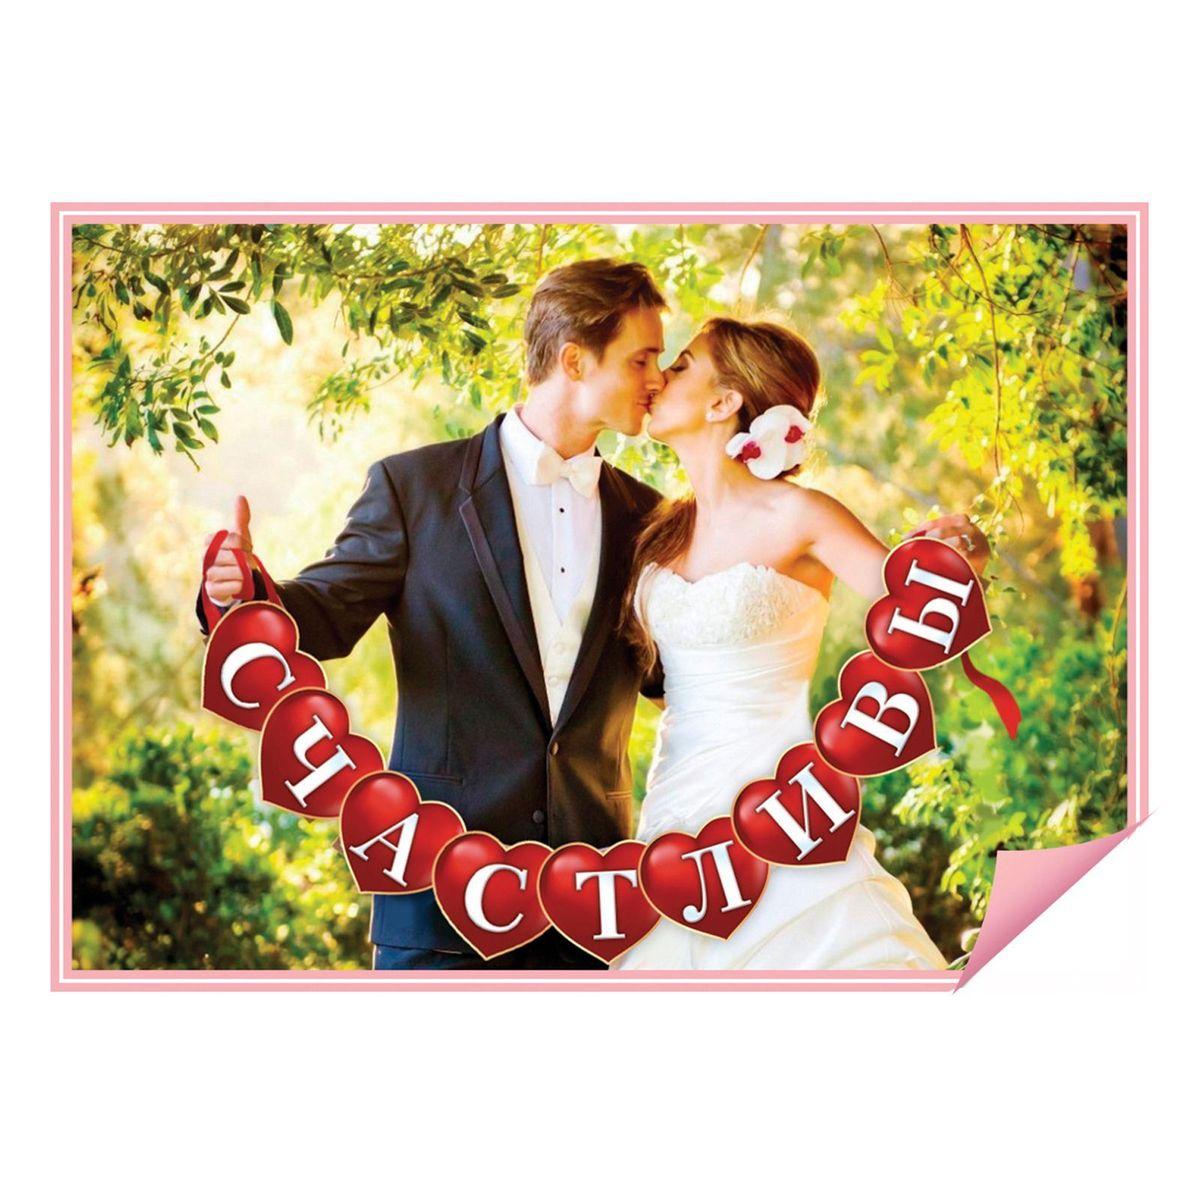 Фотобутафория на ленте Sima-land Счастливы, 11,3 x 150 x 0,1 см1233367Фотобутафория на ленте Счастливы — прекрасный выбор для тех, кто хочет создать атмосферу праздника и сделать запоминающиеся свадебные снимки. На лицевой стороне напечатана красочная надпись. Украшение легко крепится на стену или дверной проём с помощью клейкой ленты или кнопок. Его также можно держать в руках.Уникальный дизайн создаст незабываемую атмосферу праздника и подарит море позитивных эмоций!